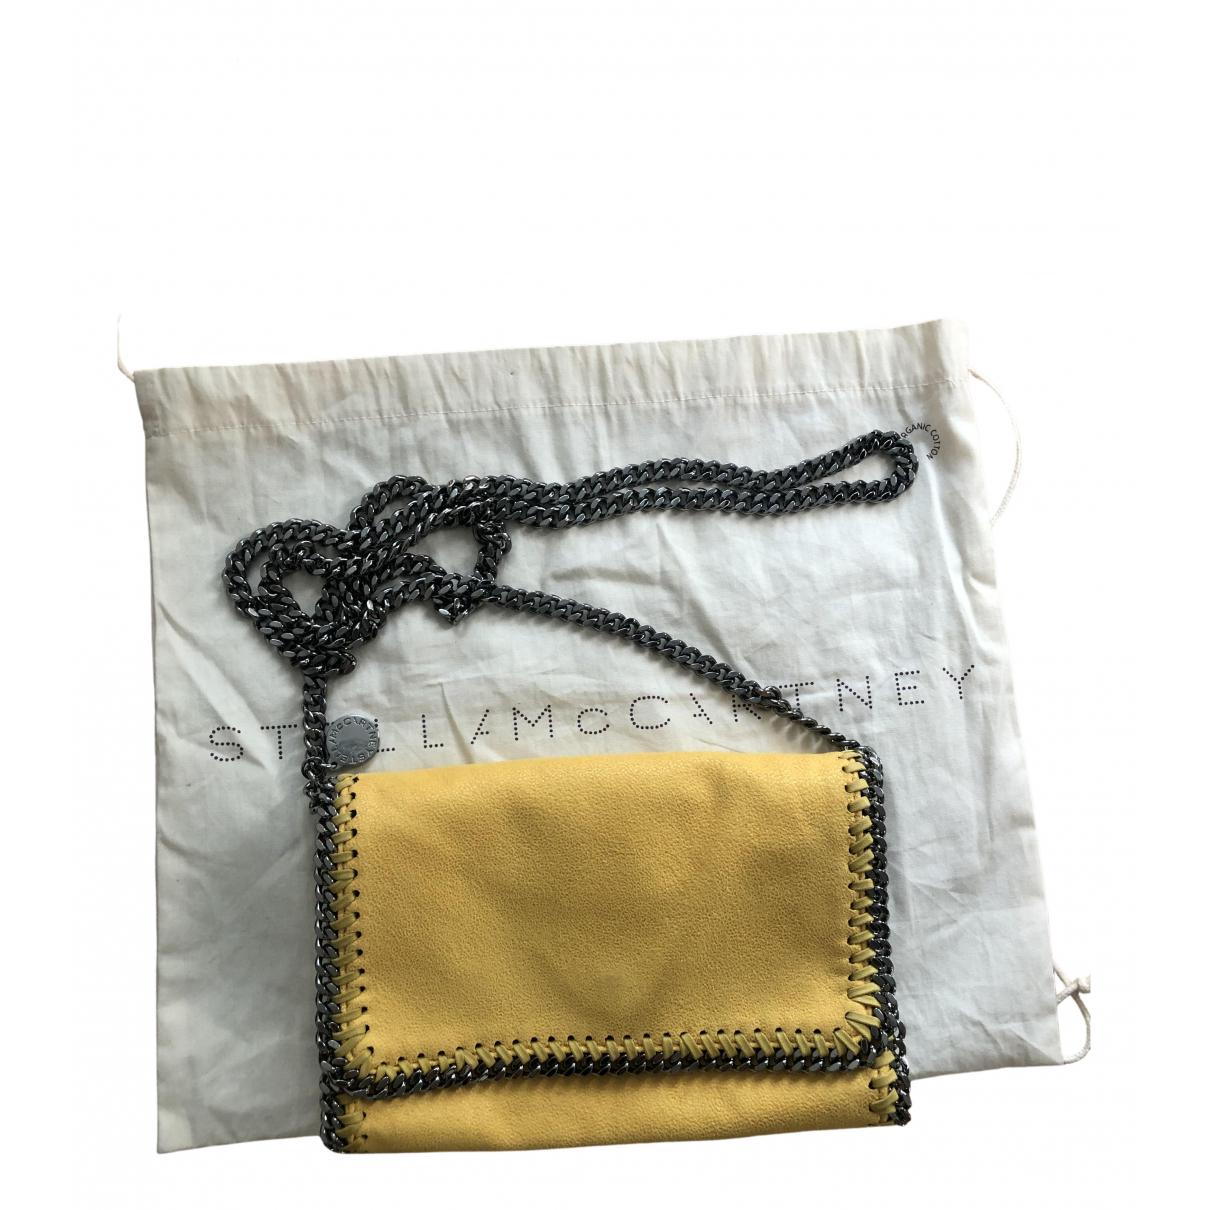 Stella Mccartney \N Yellow Cloth handbag for Women \N